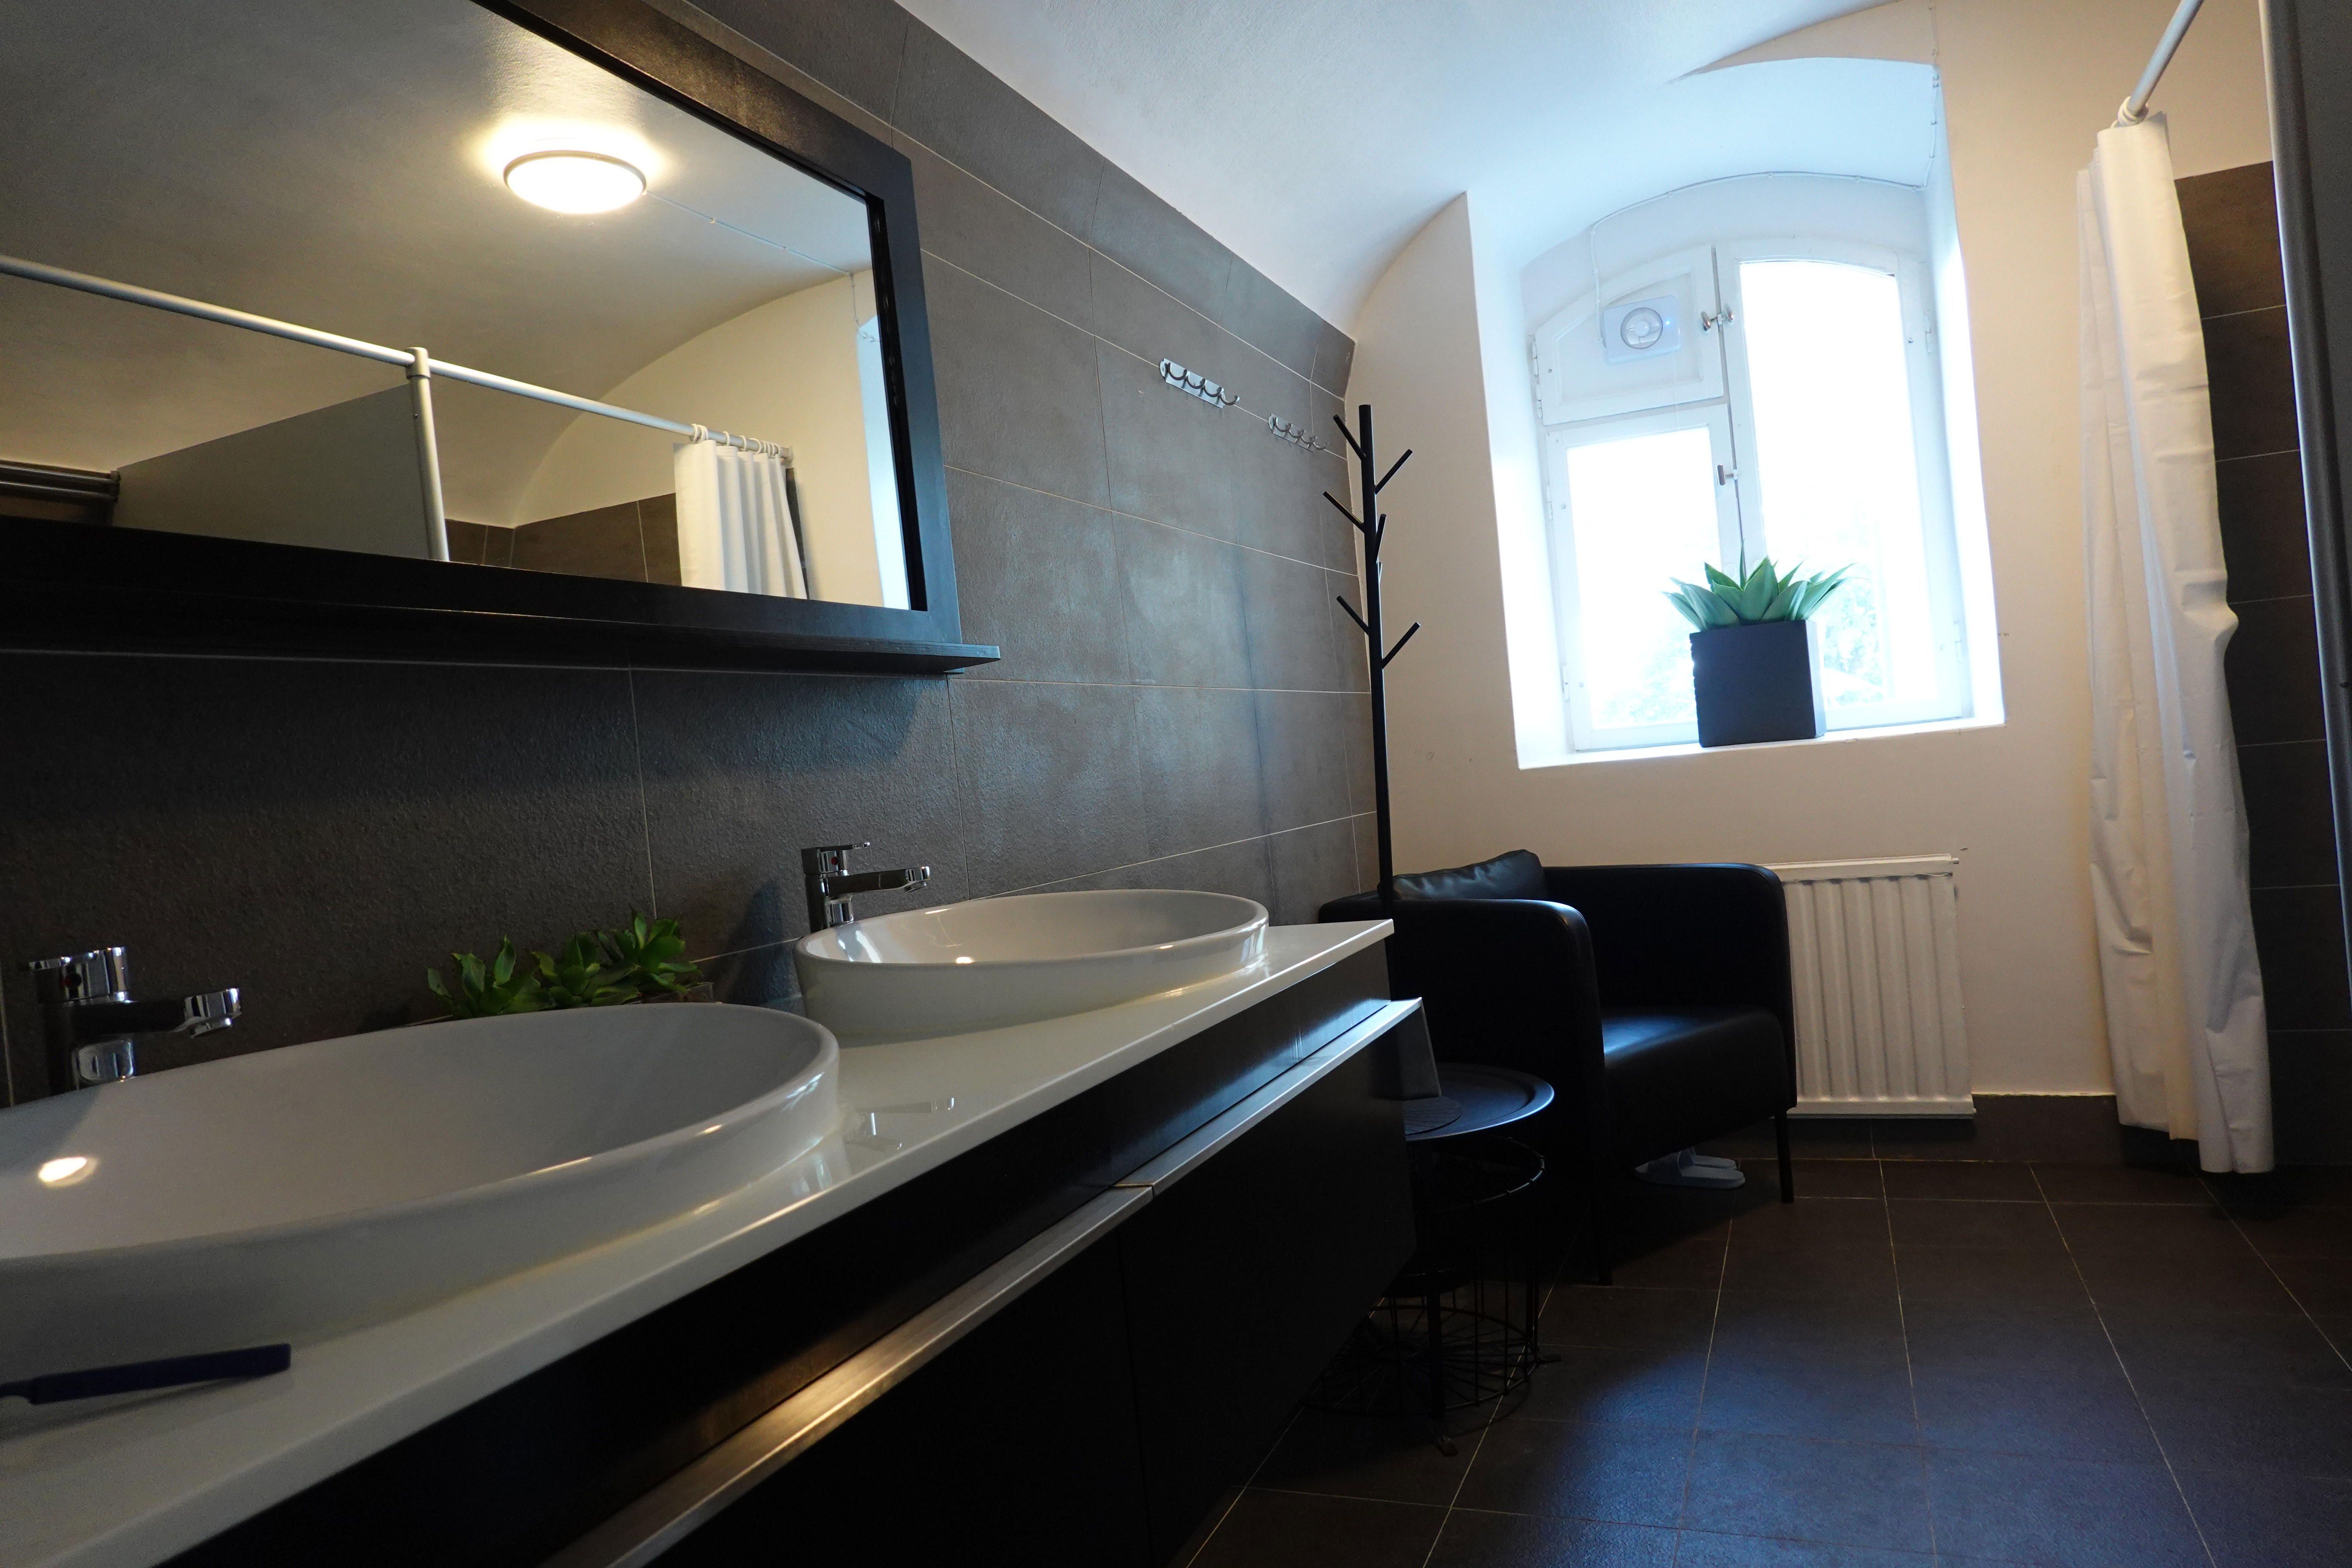 Kategori Hotell och Vandrarhem Toalett 2